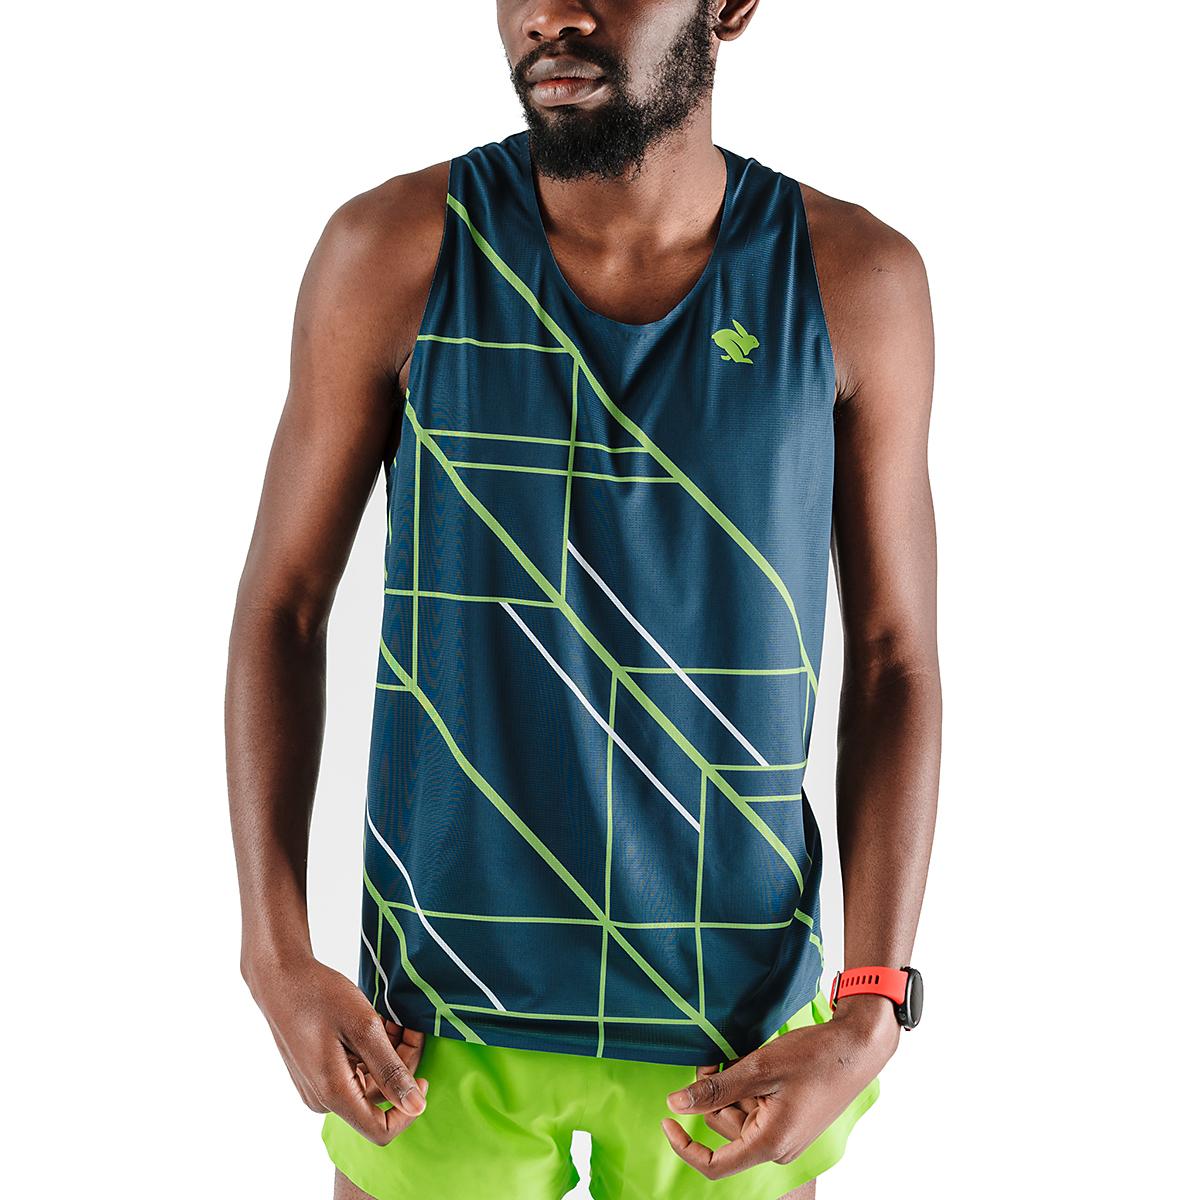 Men's Rabbit Speedeez Singlet - Color: Dress Blues/Green Gecko - Size: XS, Dress Blues/Green Gecko, large, image 1